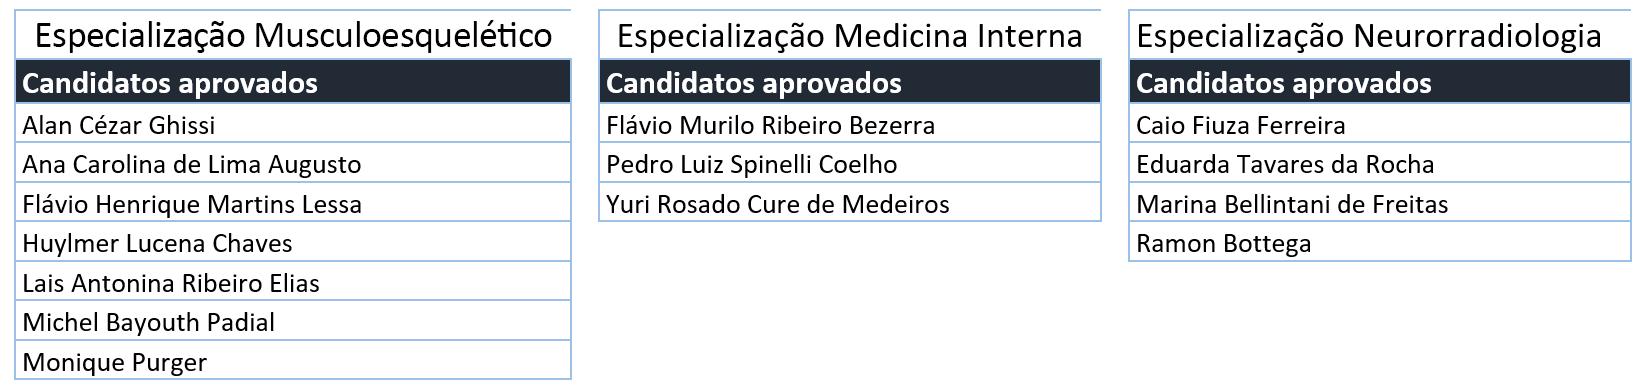 Resultado - Lista de Aprovados nas Especializações Dasa 2019